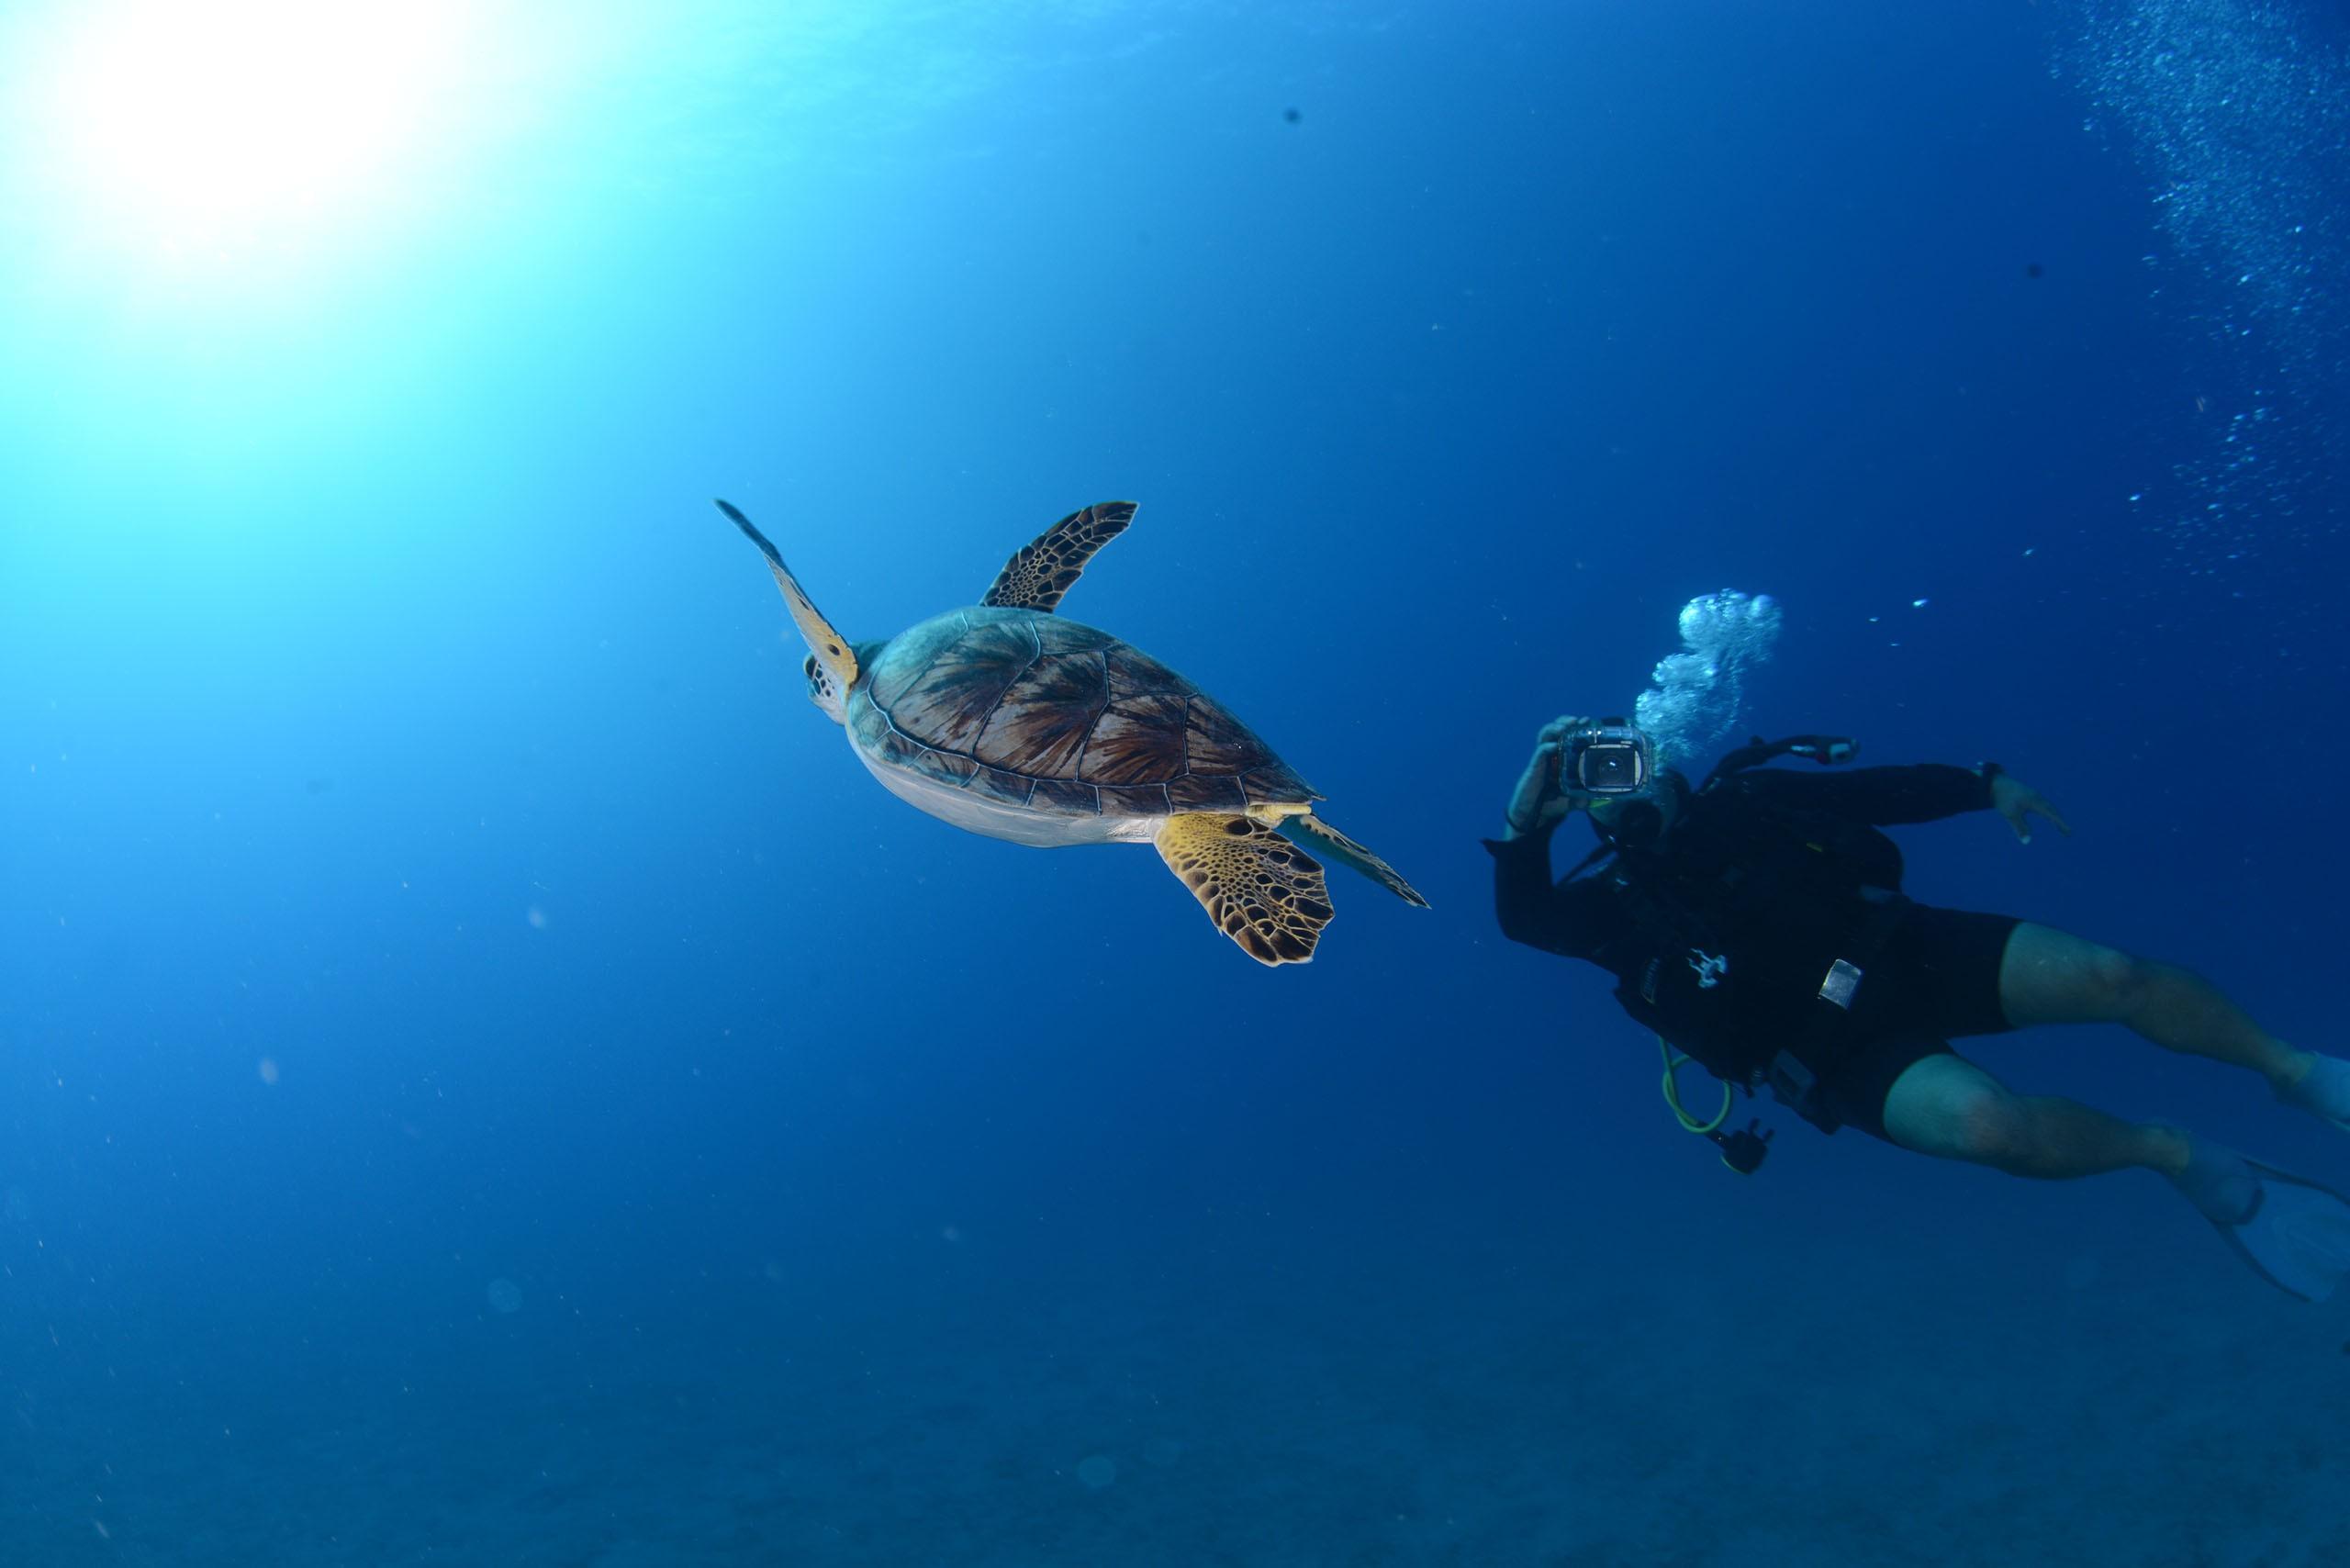 Dalış Tutkunlarının Antalya'da Mutlaka Görmesi Gereken 7 Dalış Noktası